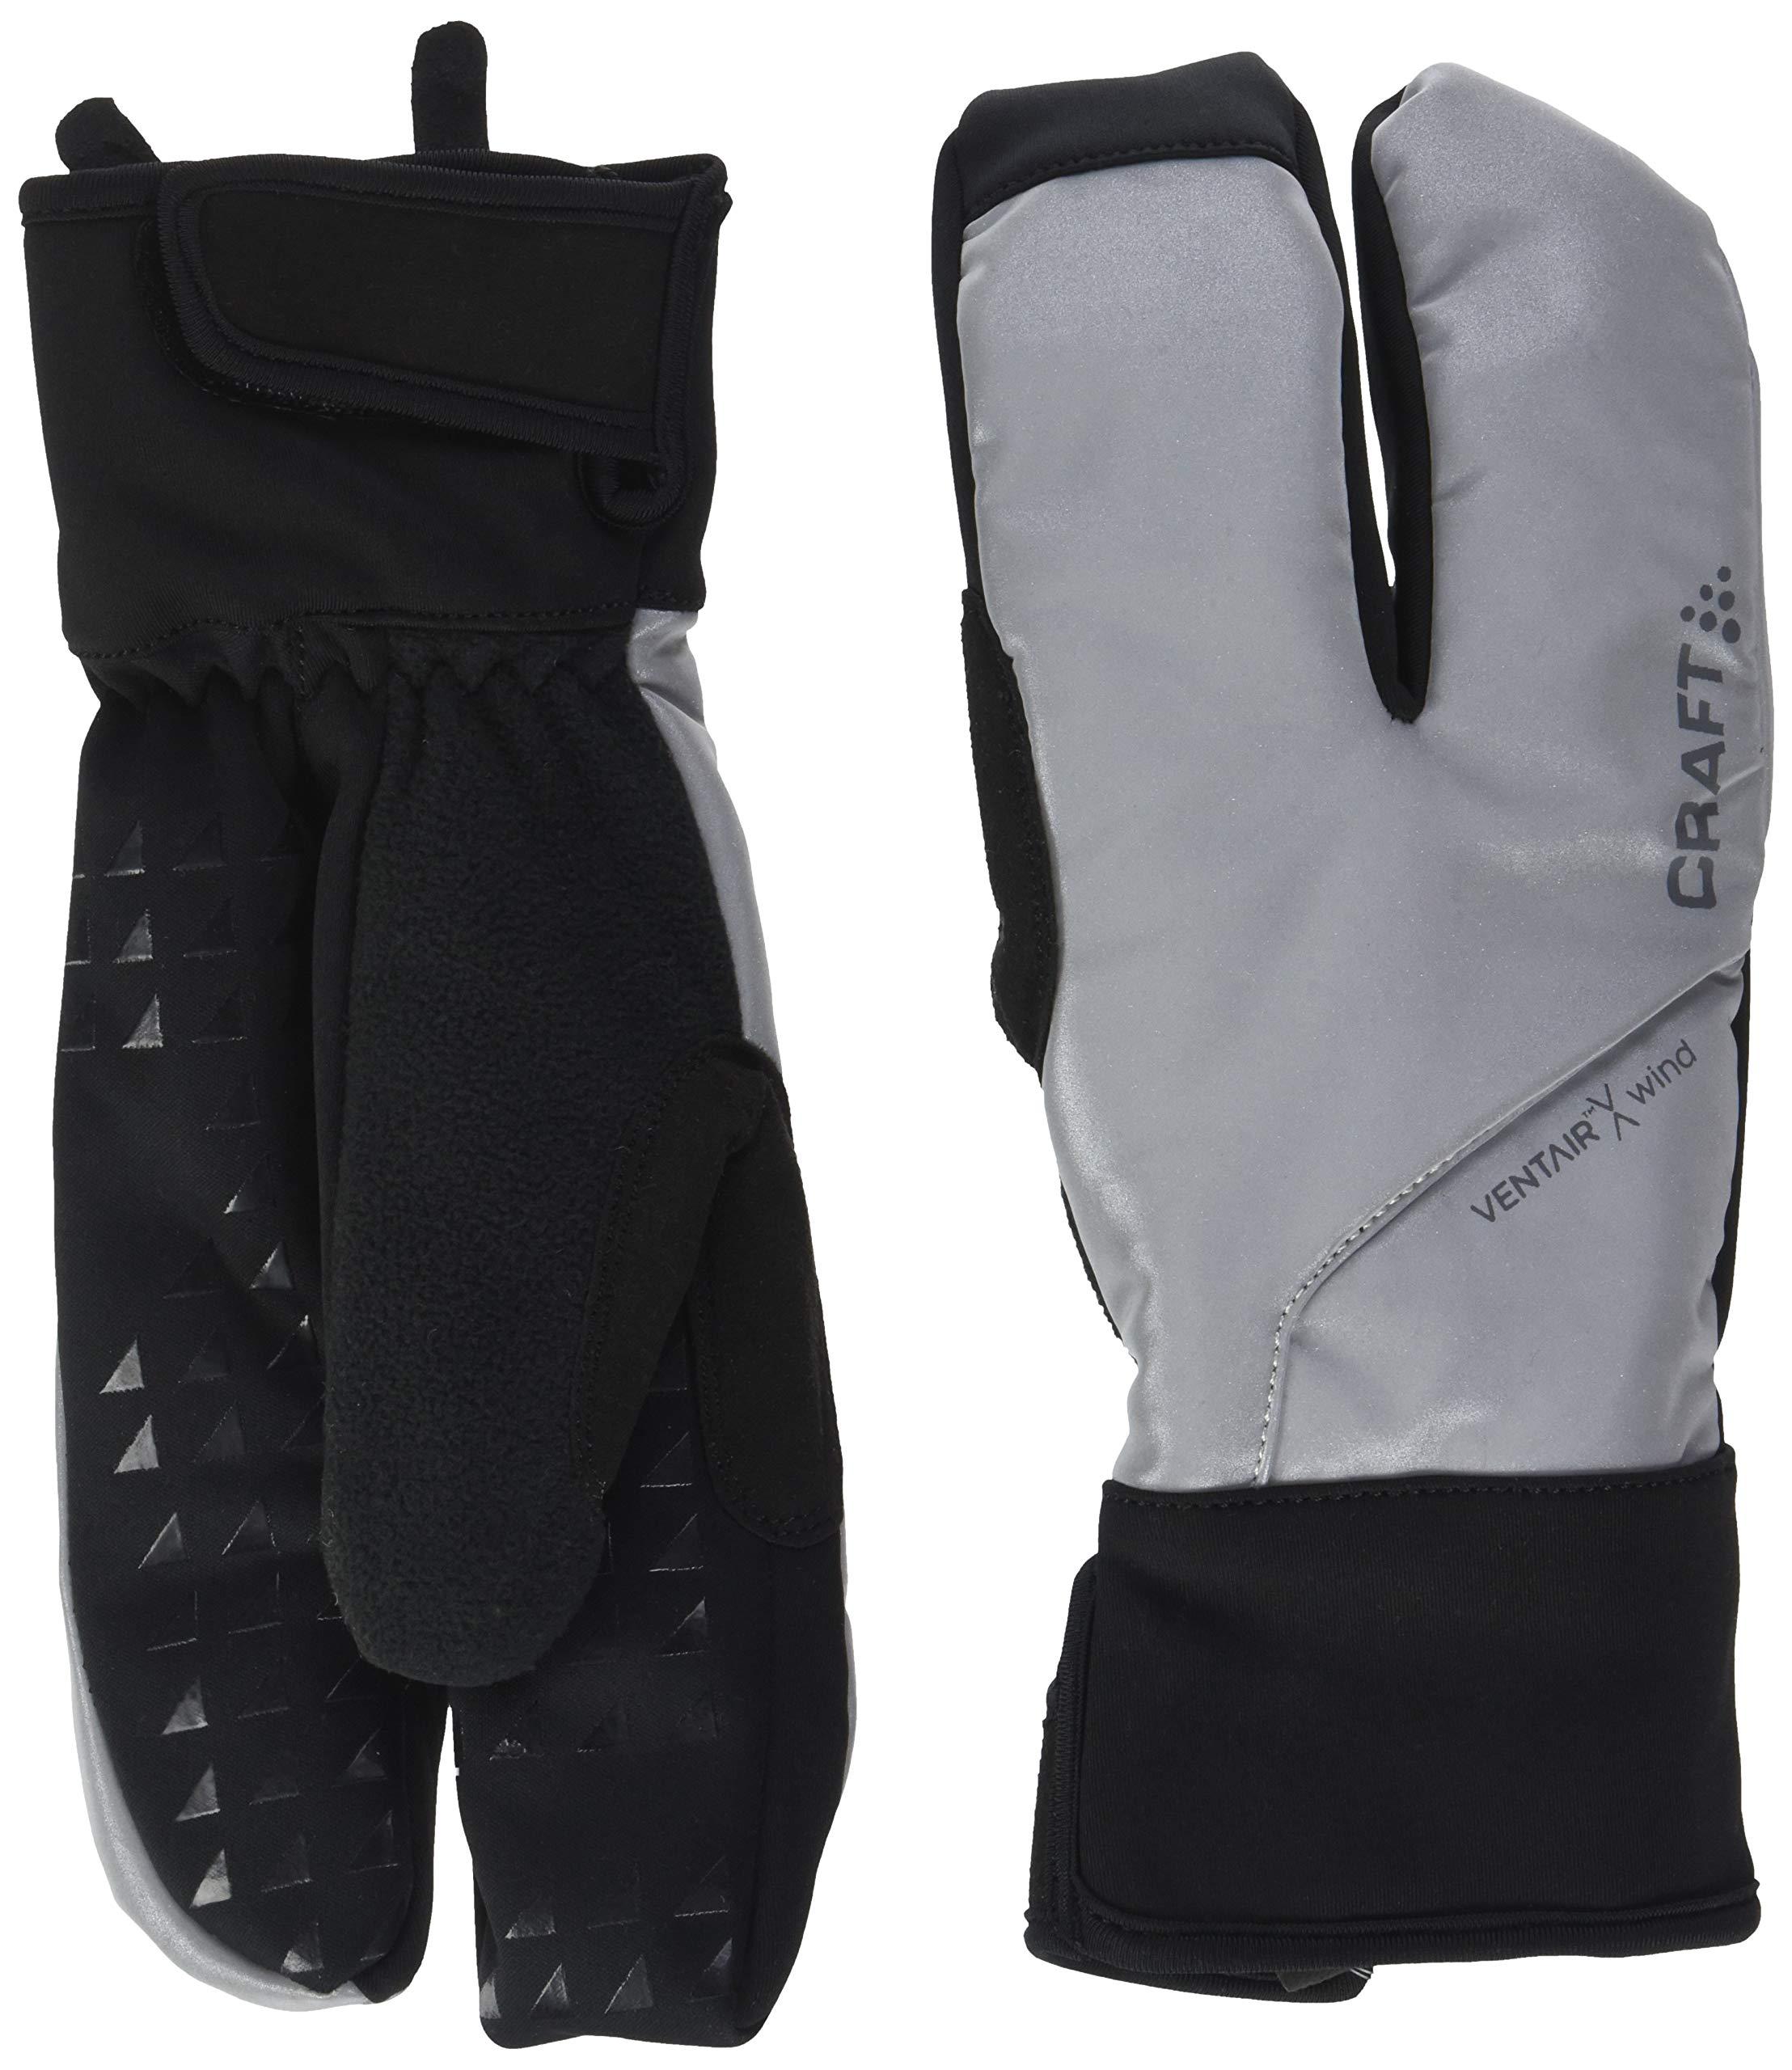 Craft Sportswear Unisex Siberian Split Finger Wind & Waterproof Bike & Cycling Gloves